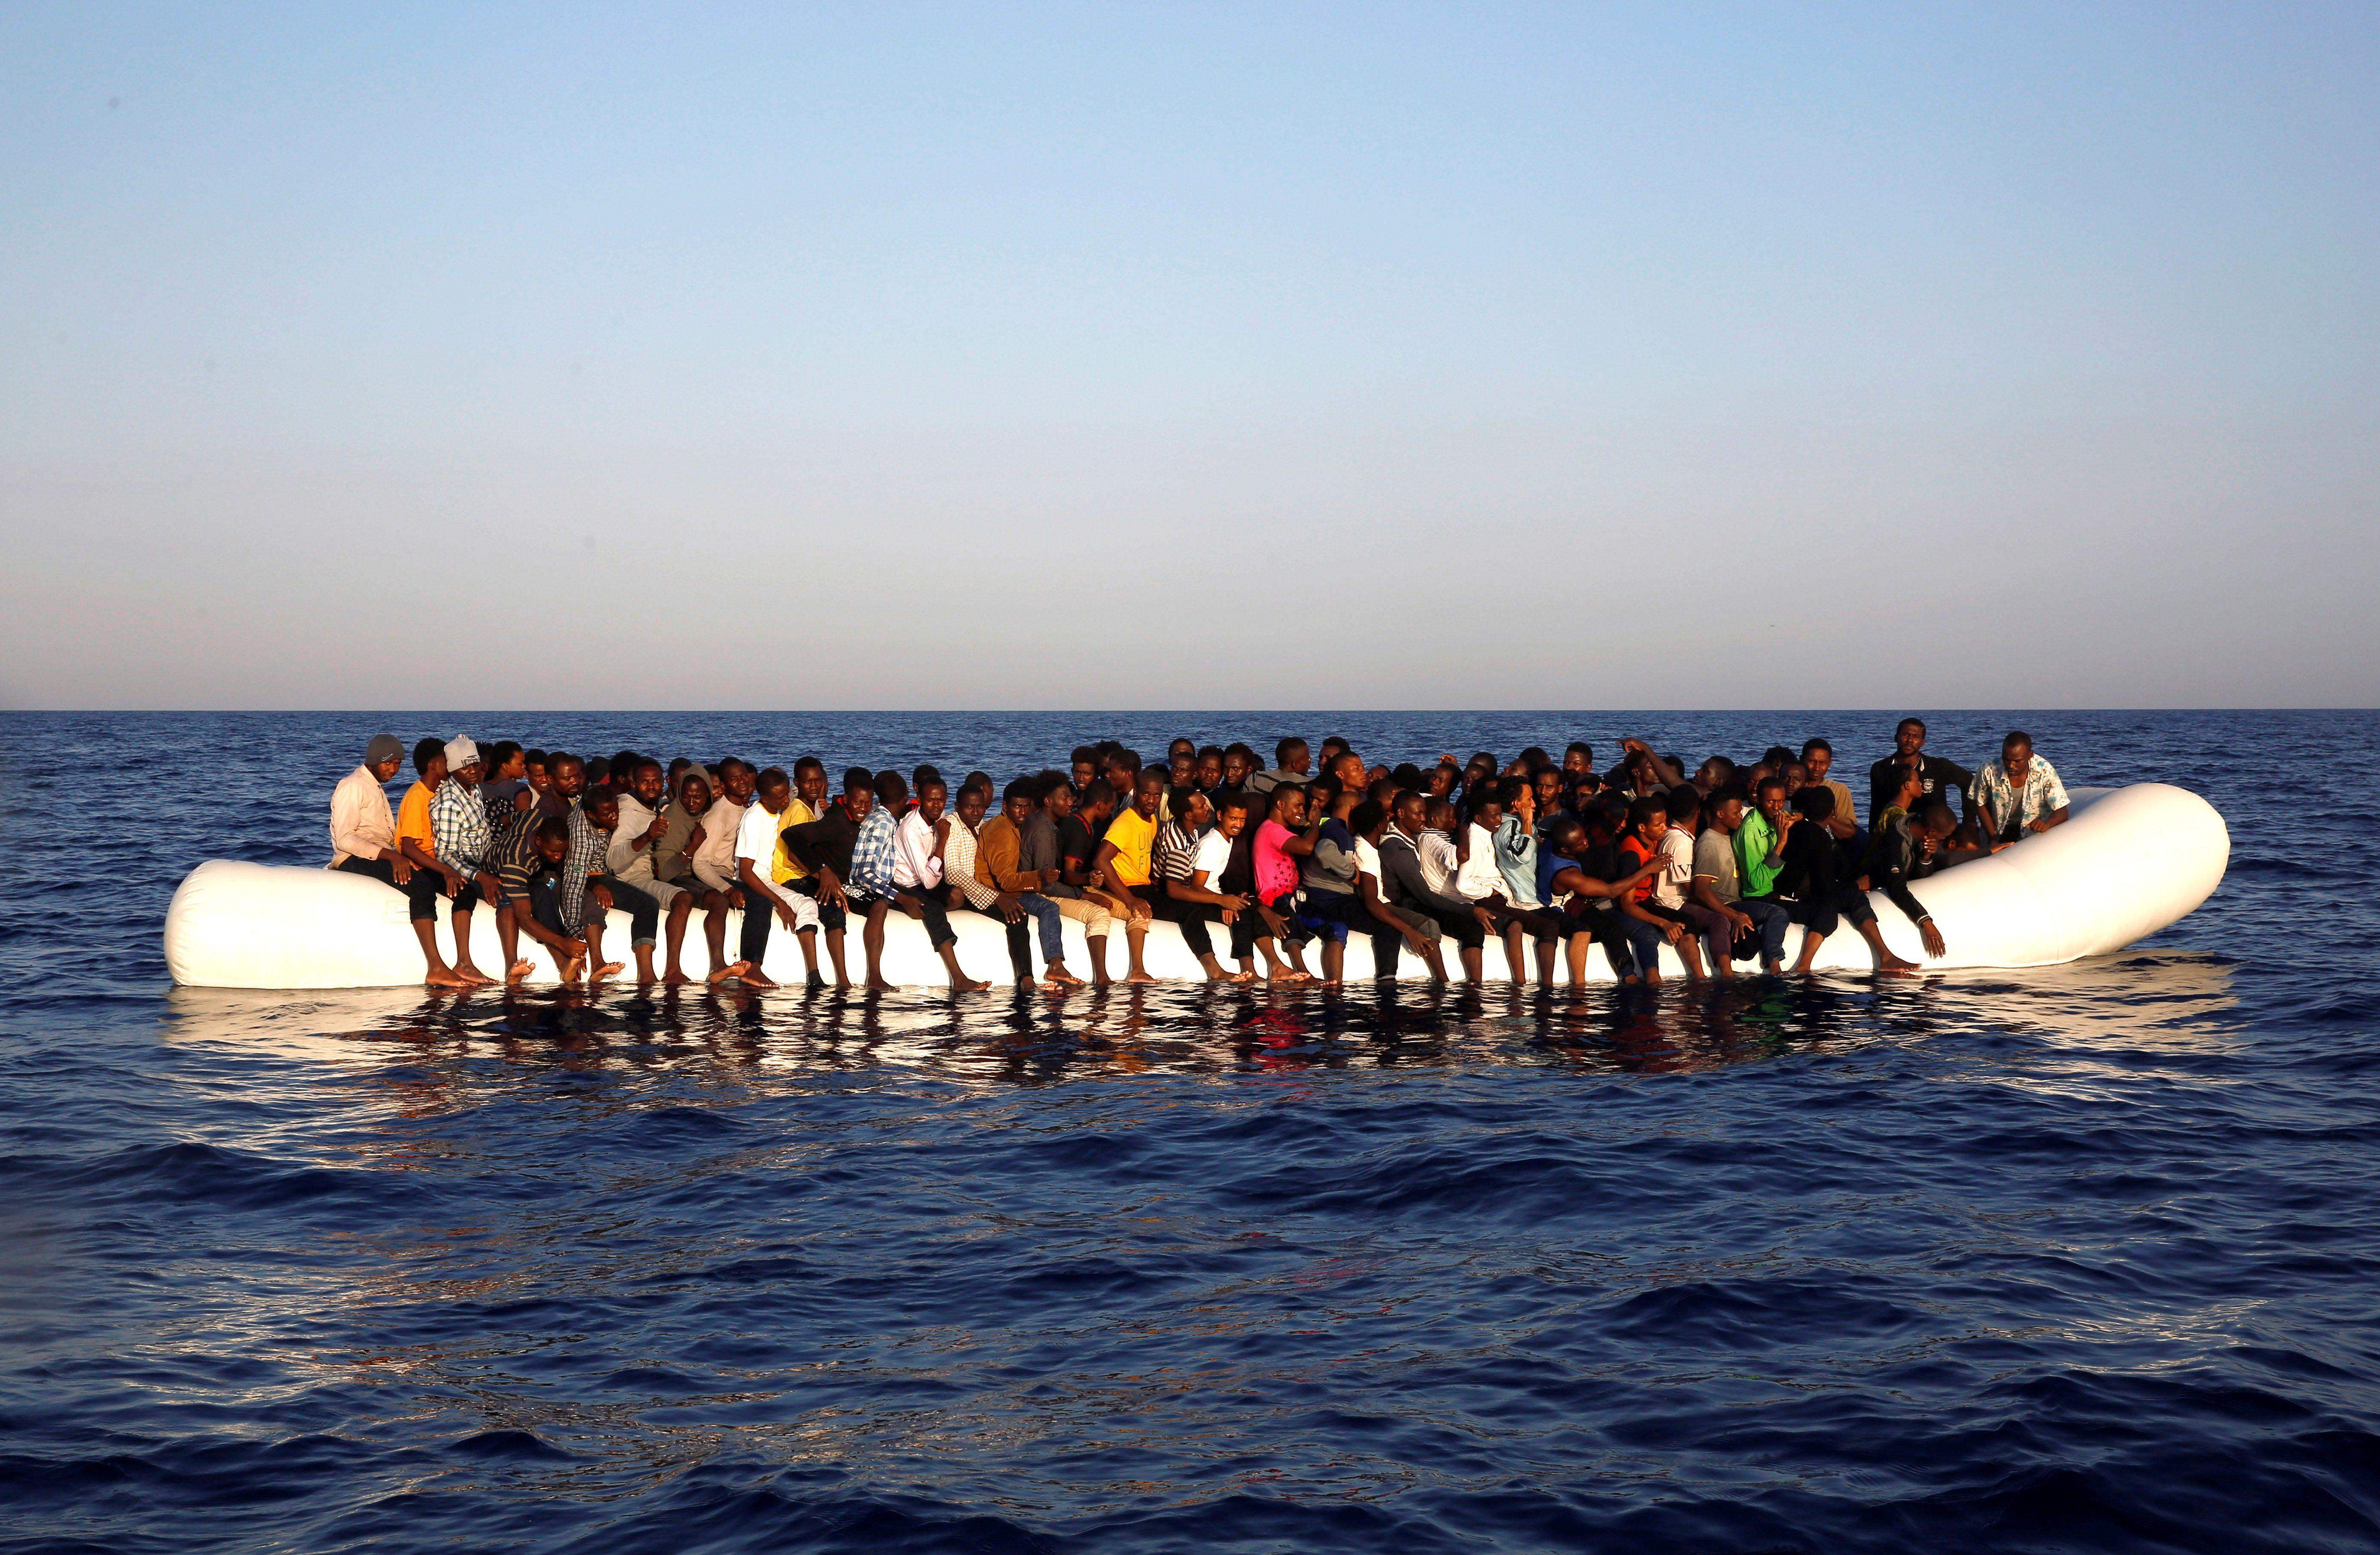 Les associations humanitaires qui reçoivent les migrants à leur arrivée en Sicile ont confirmé ce scénario horrible qui commence souvent bien avant que les migrants embarquent à bord de ces dangereux navires.